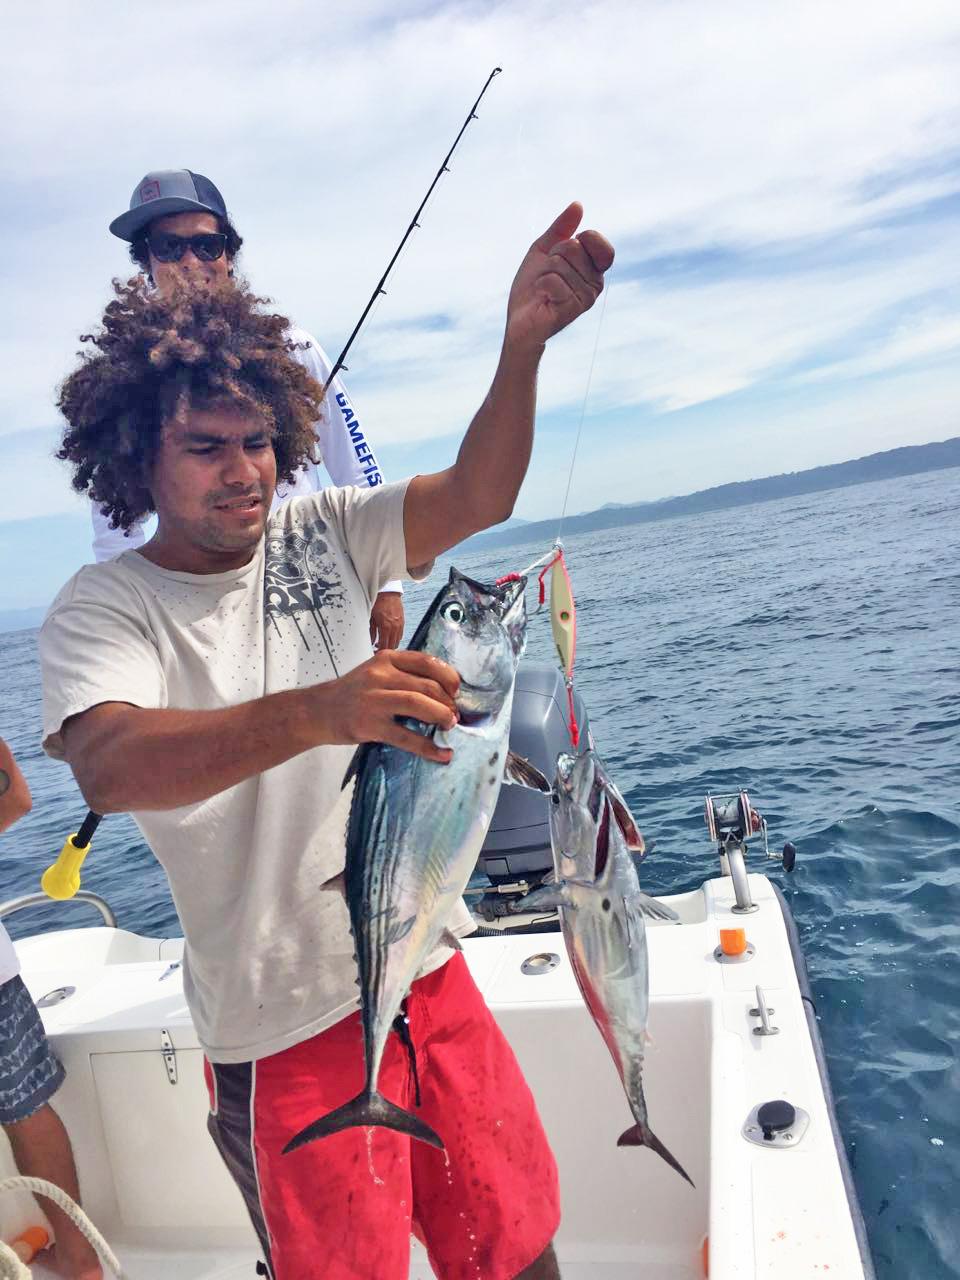 Jigging off the coast of Mal Pais and Santa Teresa